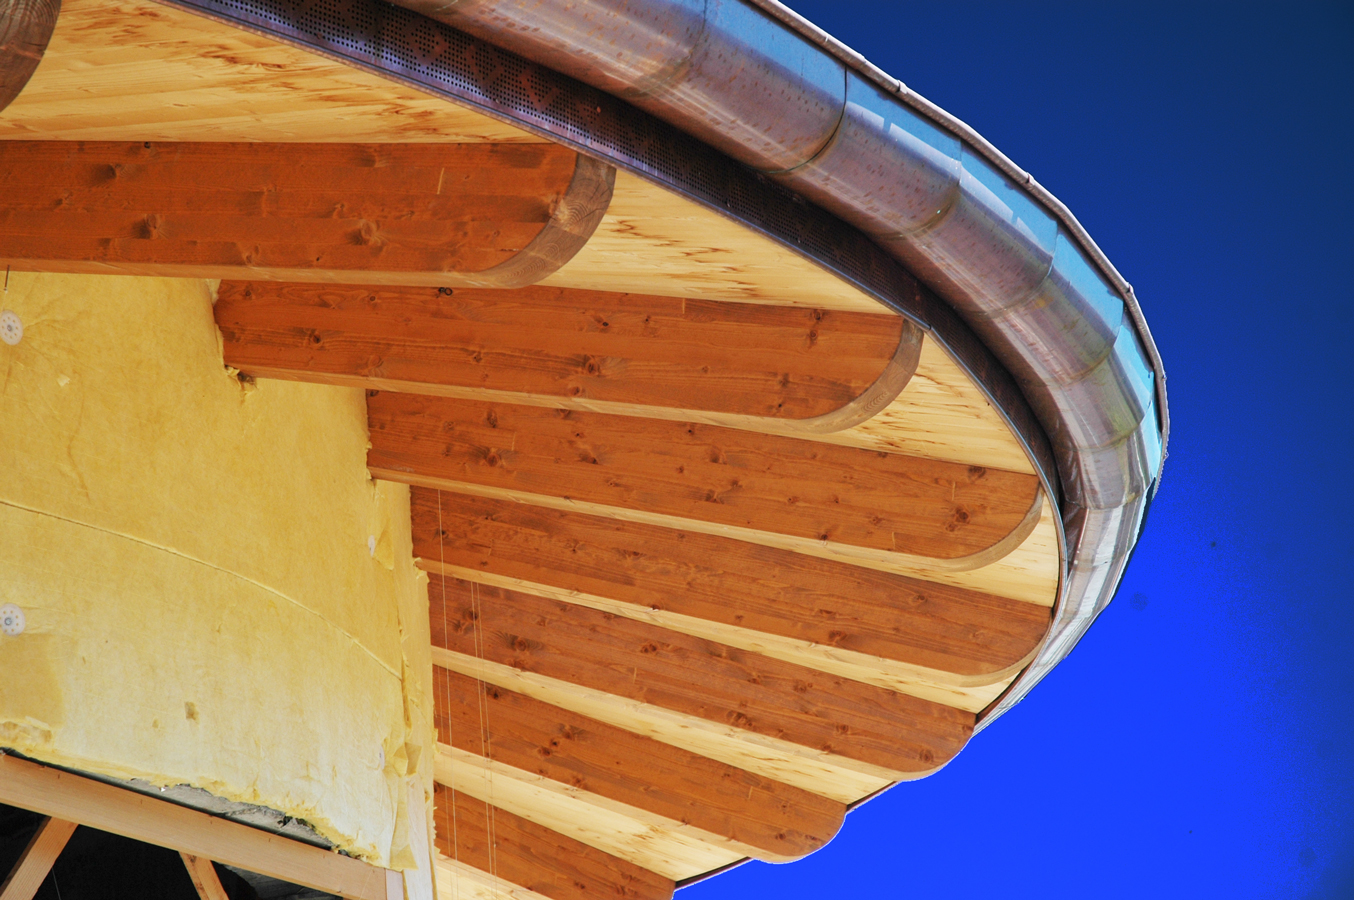 tetti in legno, particolare della curvatura